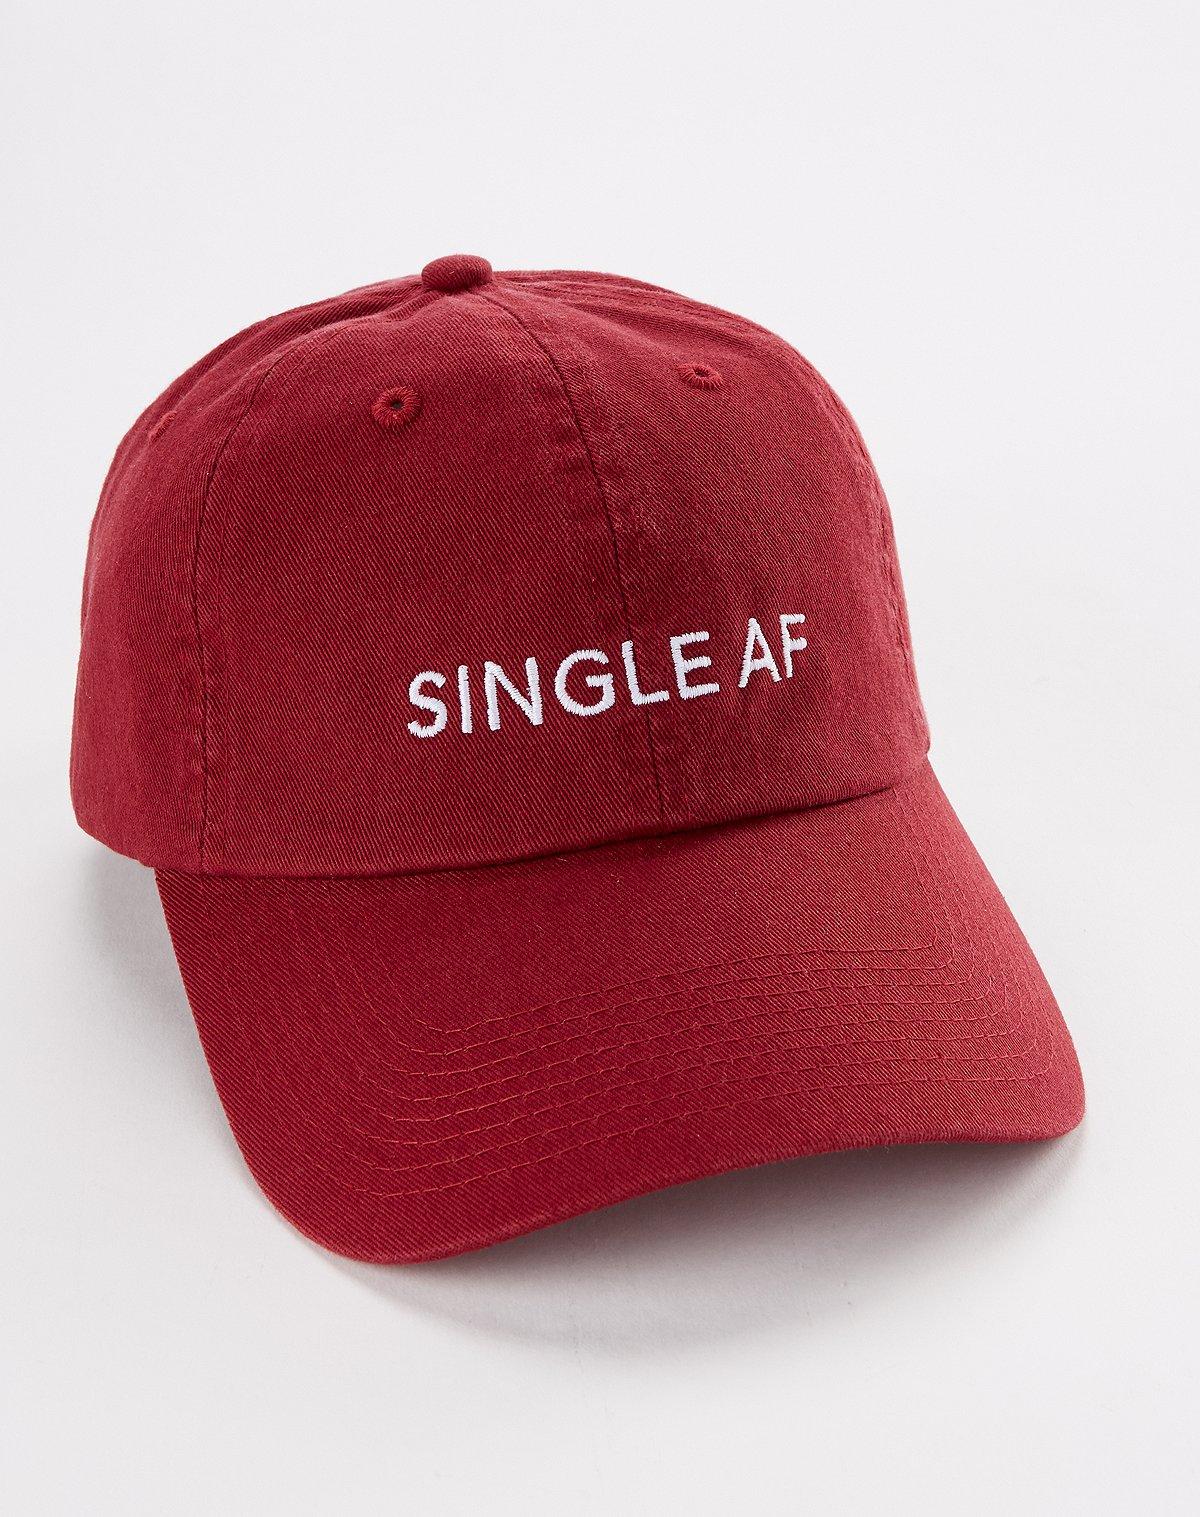 Spencer's Single AF Dad Hat